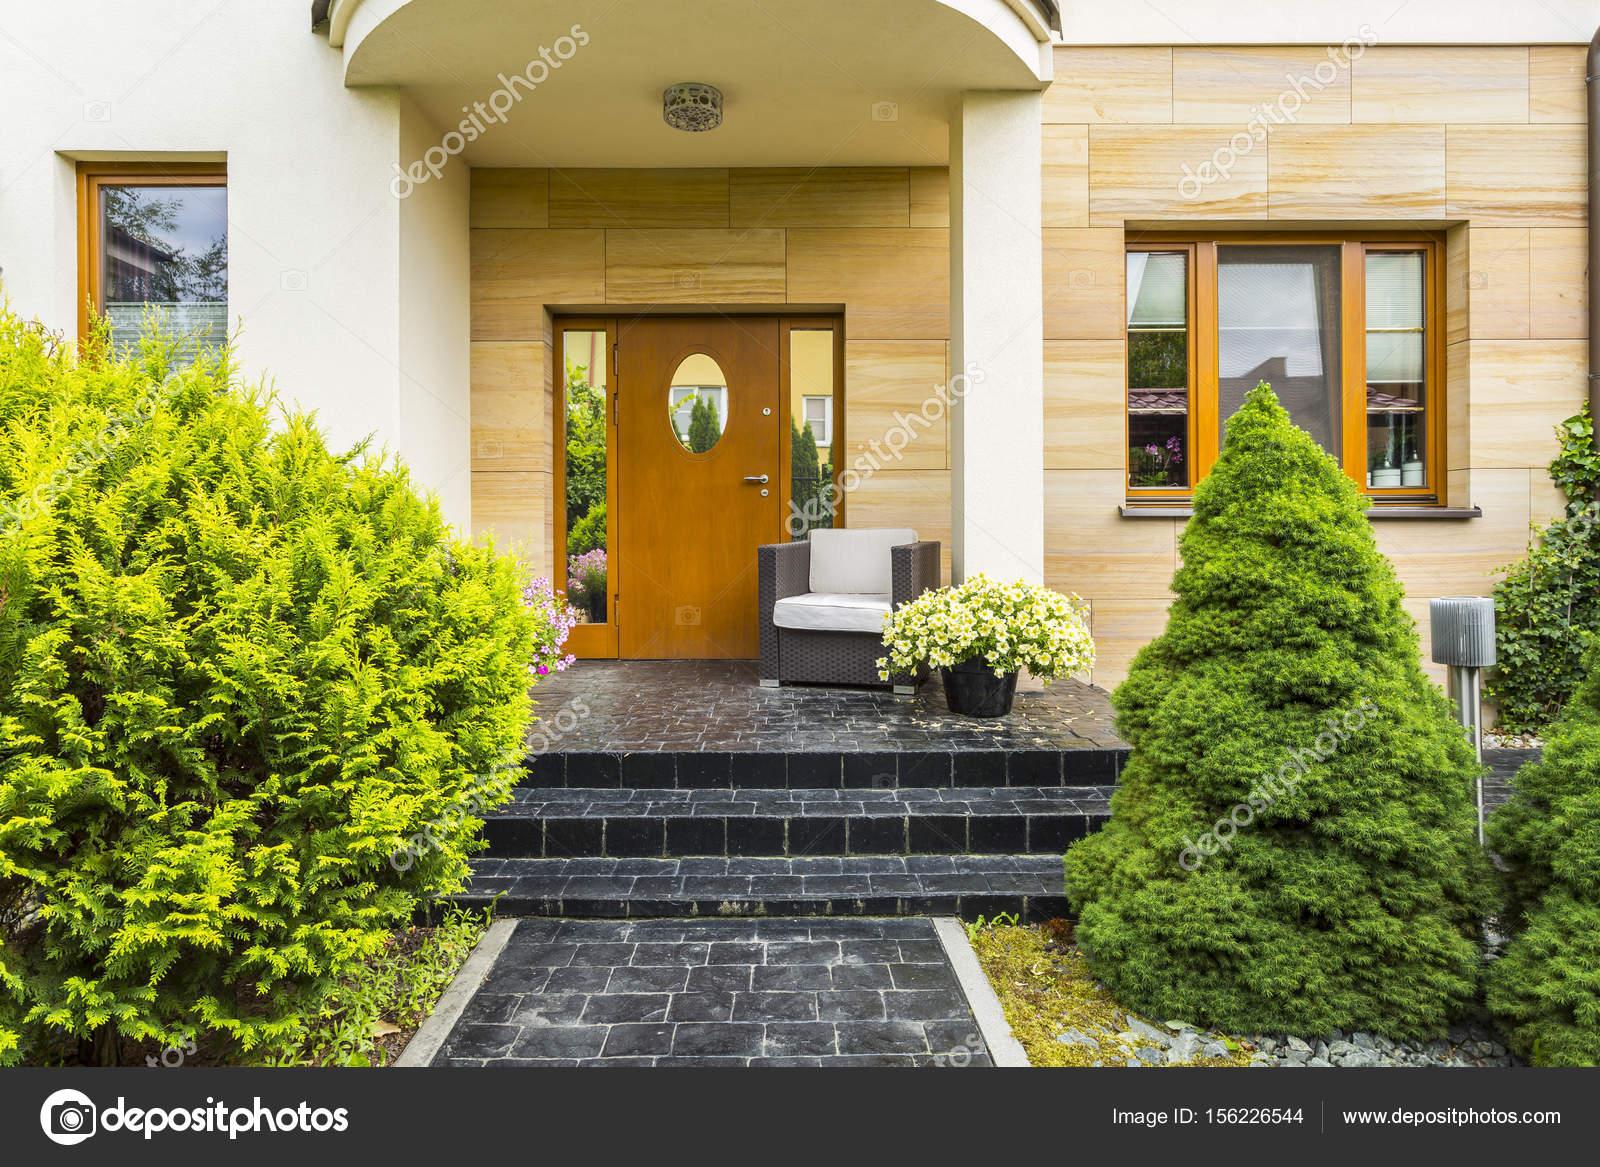 Ver entradas de casas modernas elegante entrada a la - Entradas de casas modernas ...